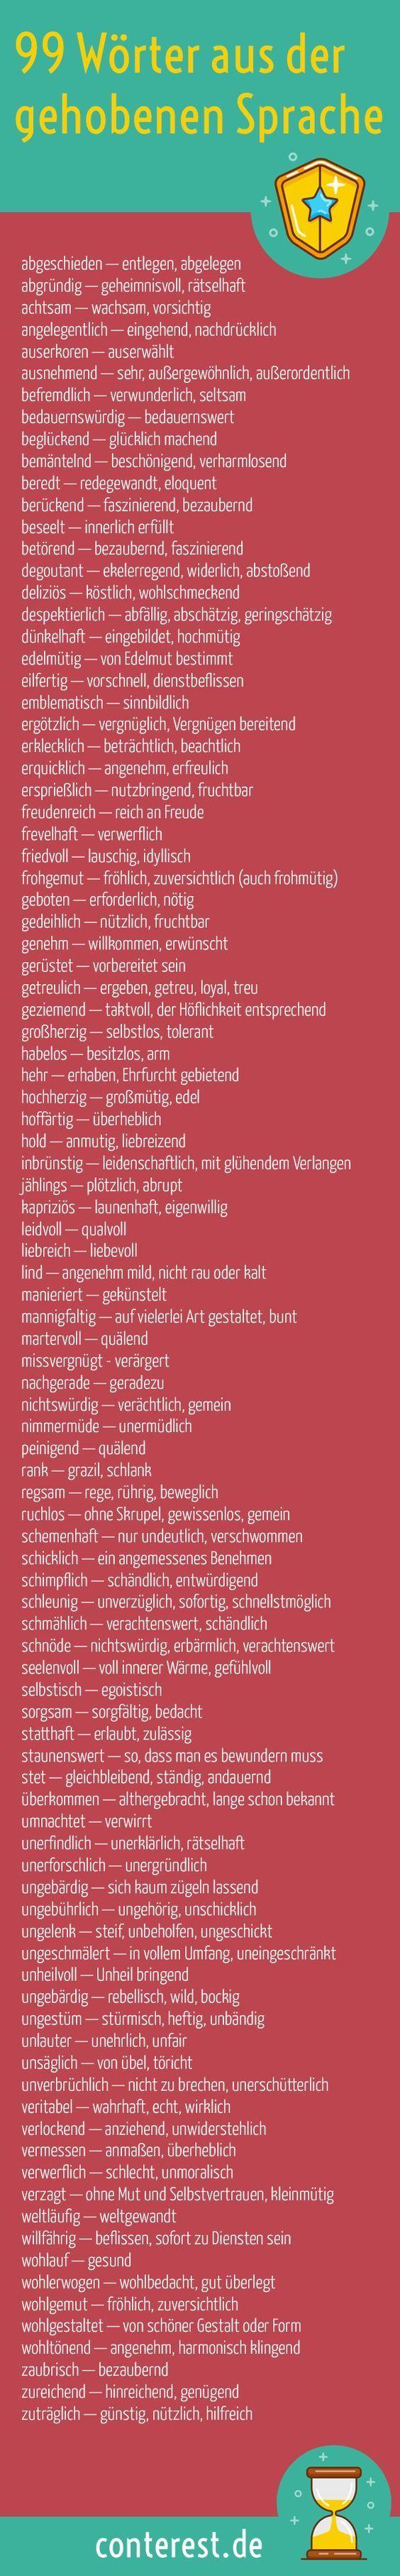 99 Wörter aus der gehobenen Sprache